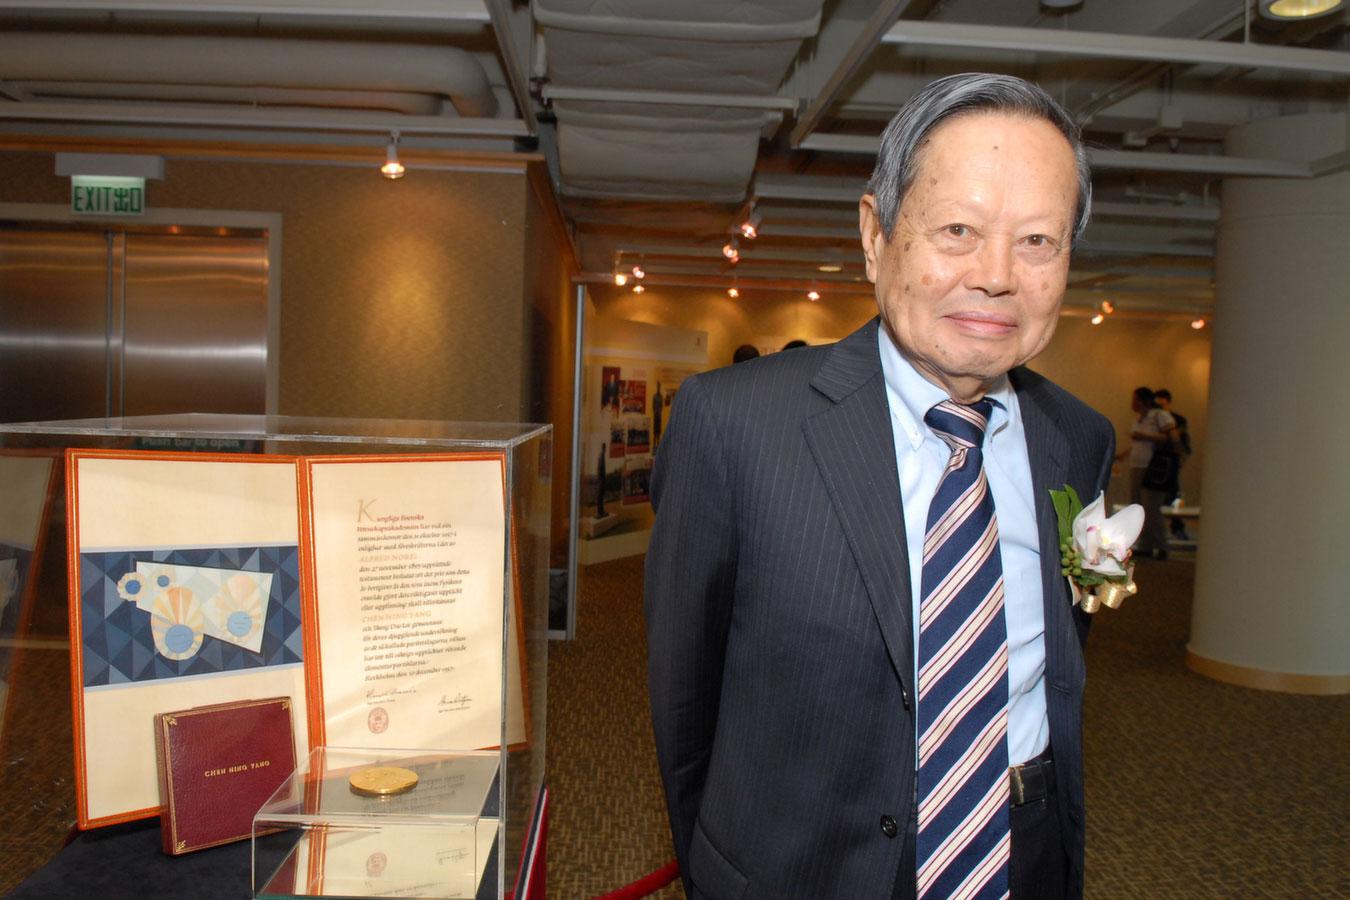 Professor C.N. Yang